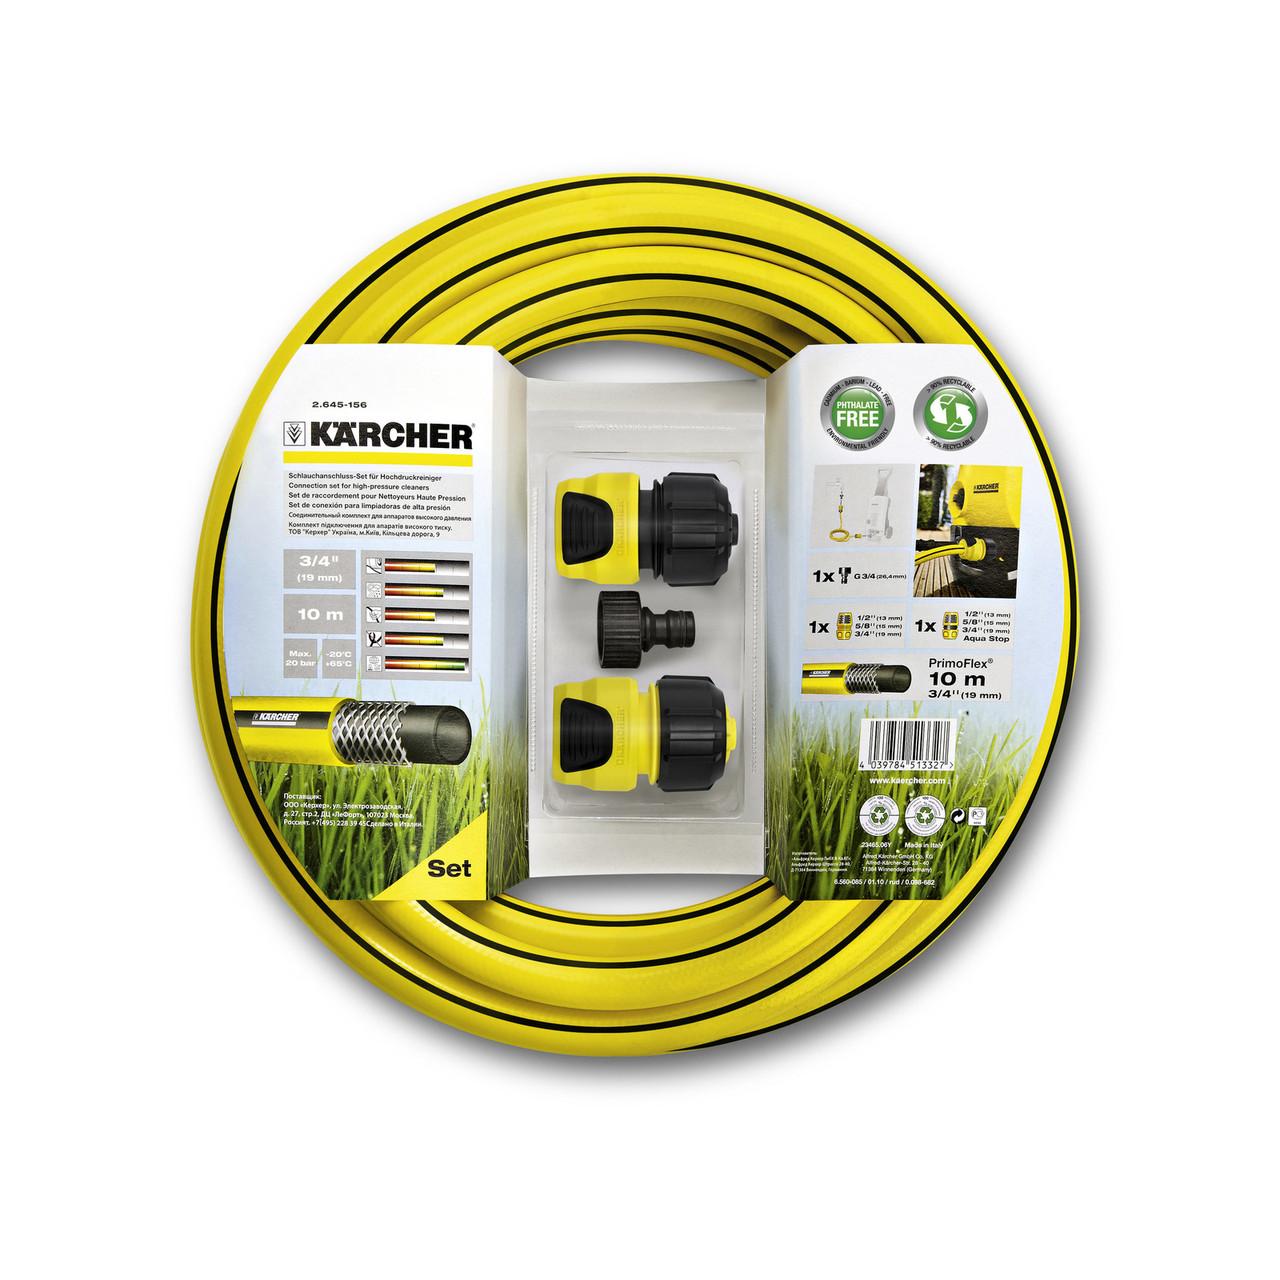 Комплект для минимойки Karcher шланг PrimoFlex 3/4 10м 2 универсальных конектора